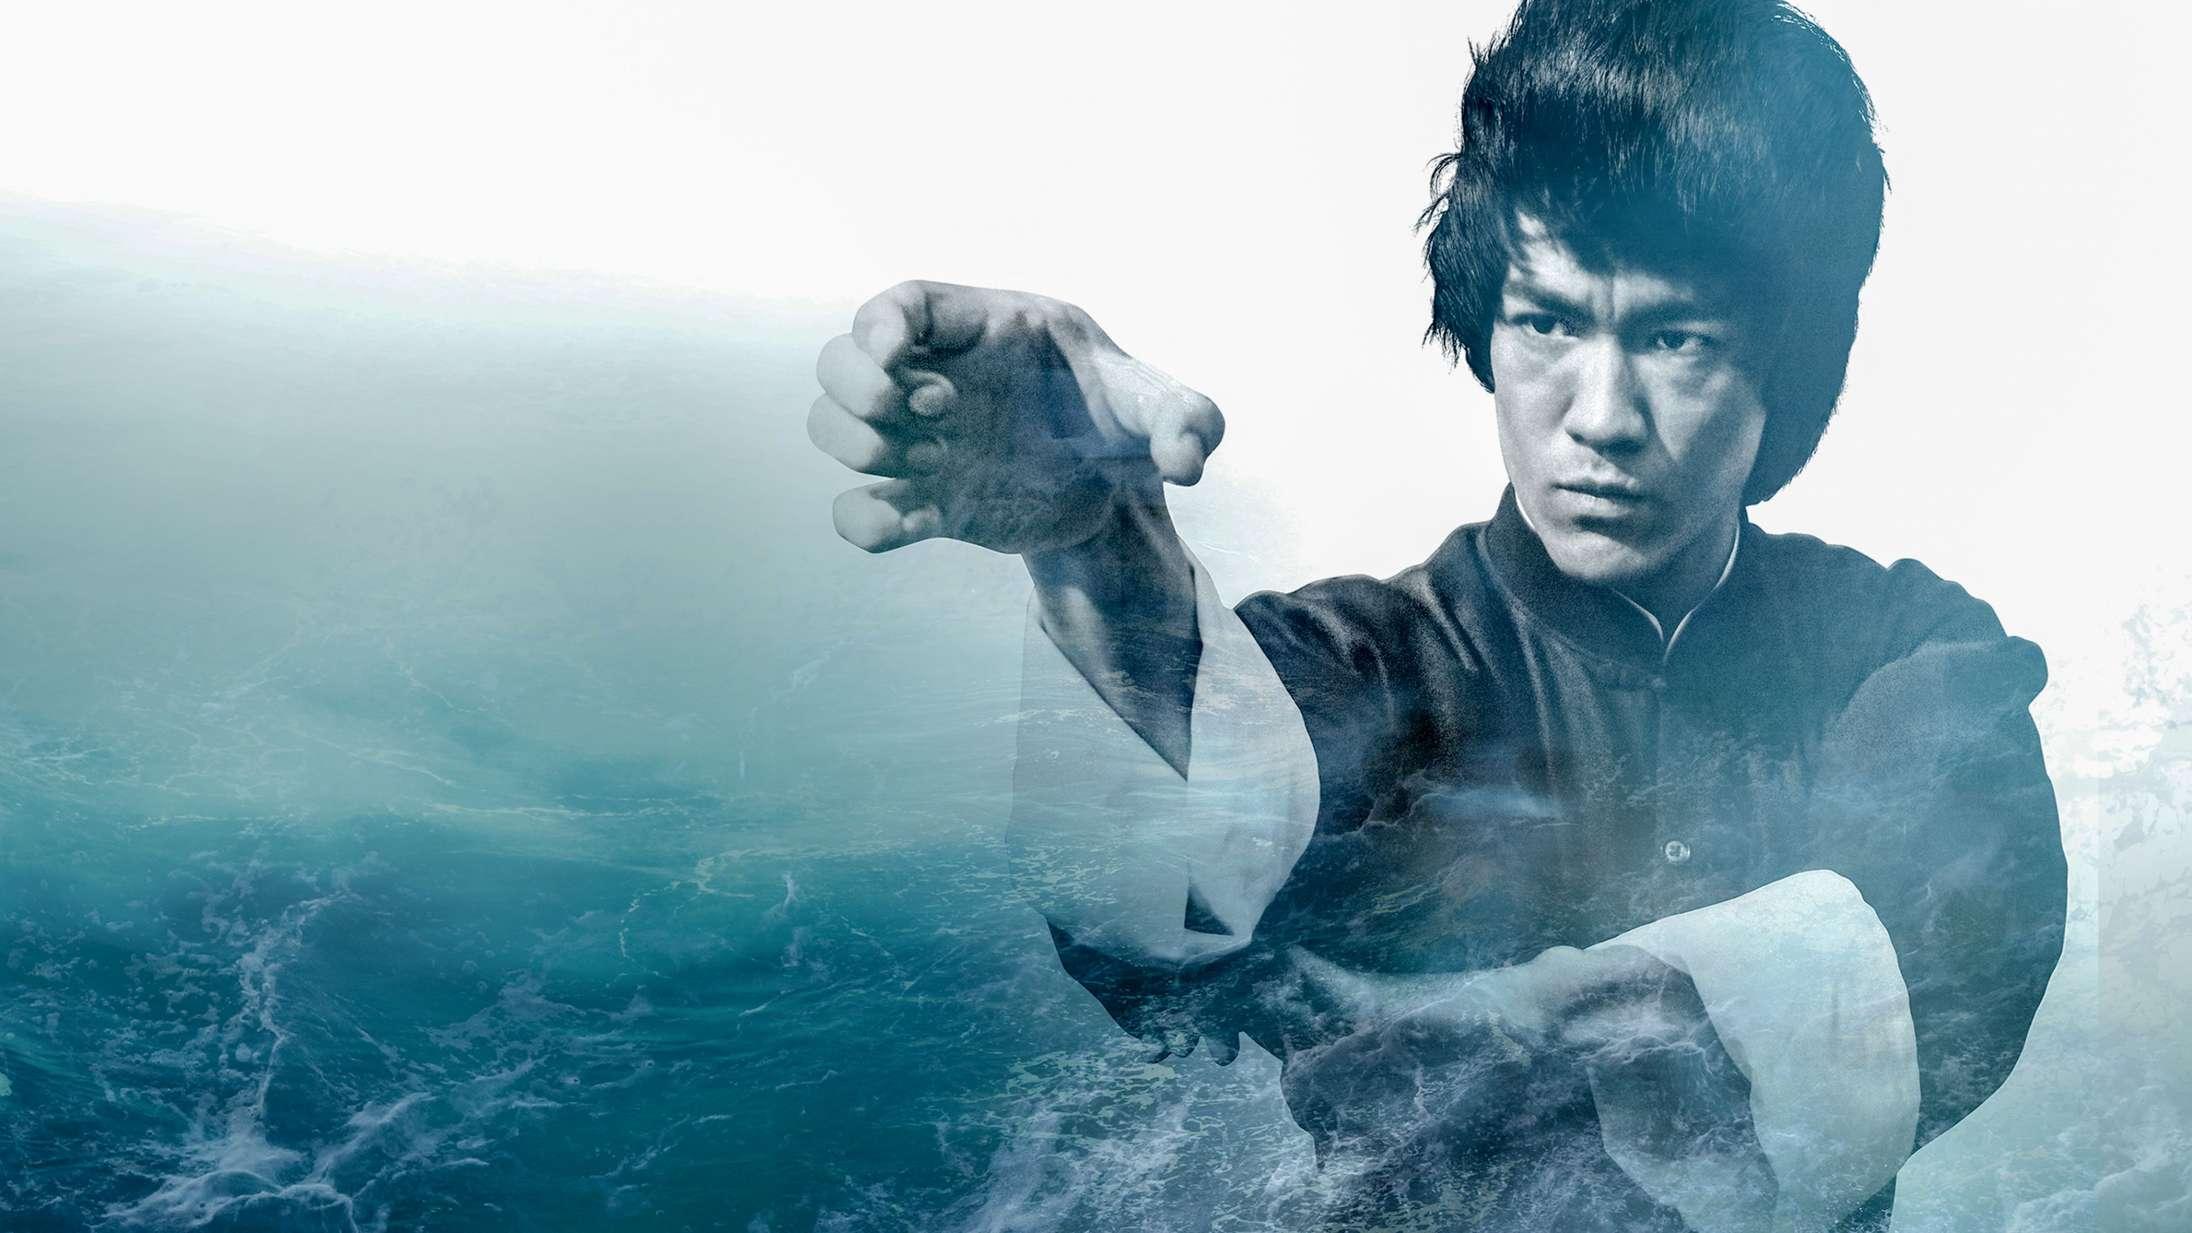 'Bruce Lee – Vær som vand': Overfladisk dokumentar cementerer kampsportlegendens eftermæle – men ikke meget andet